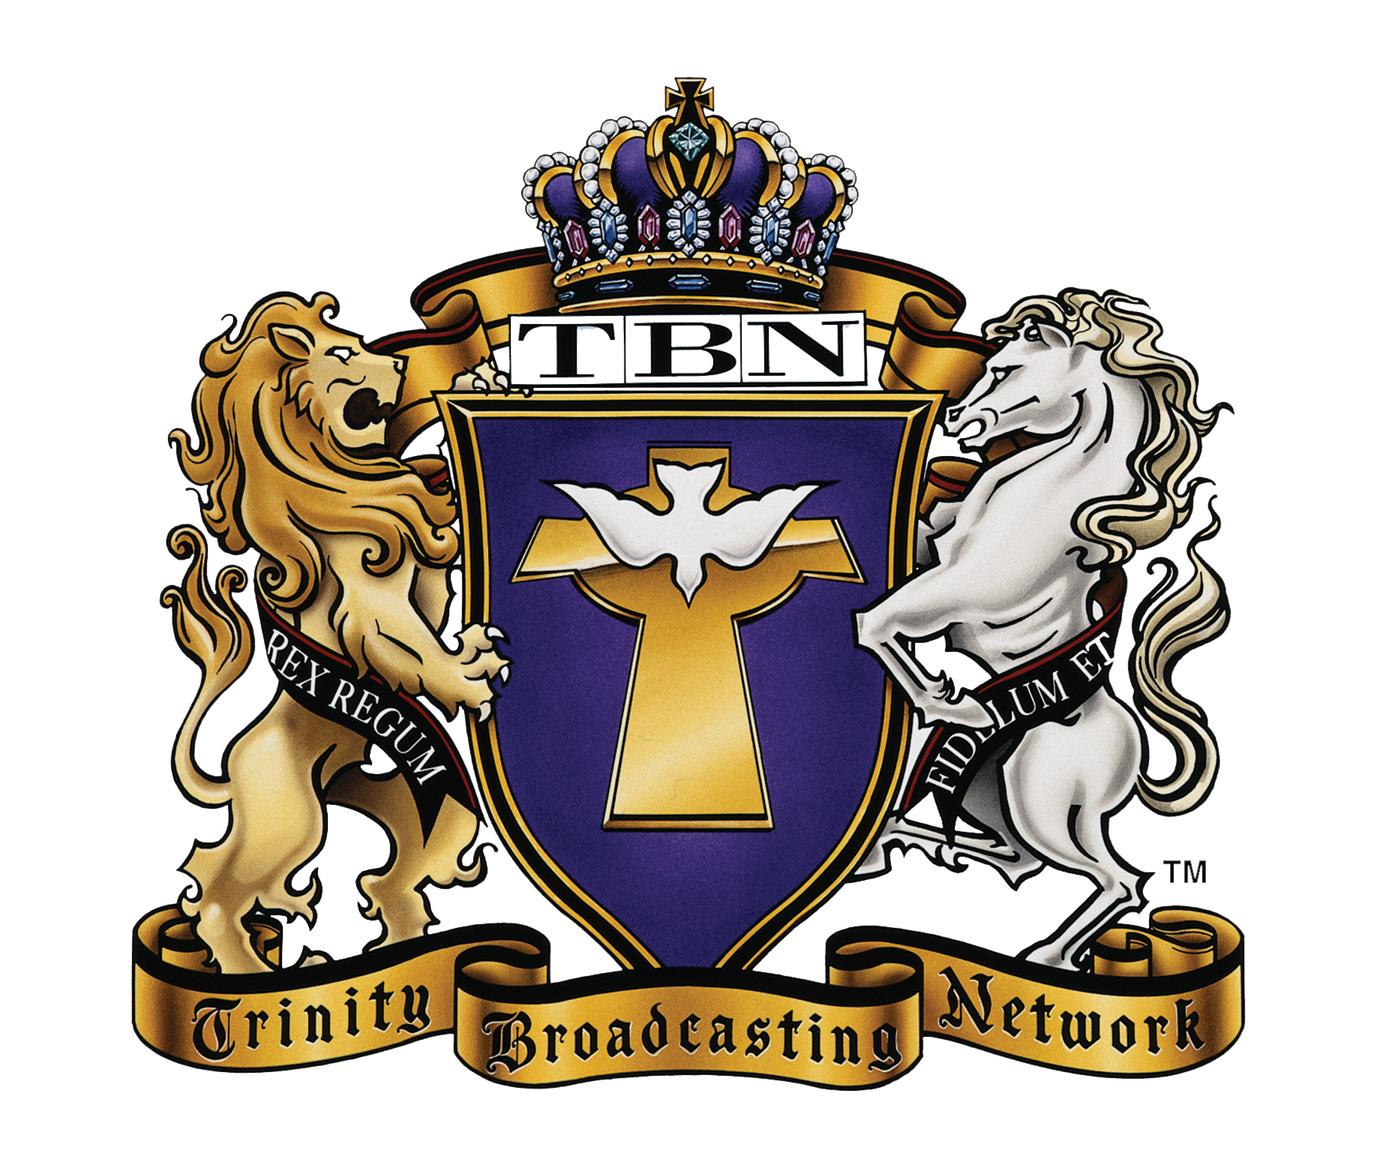 KTBW-TV